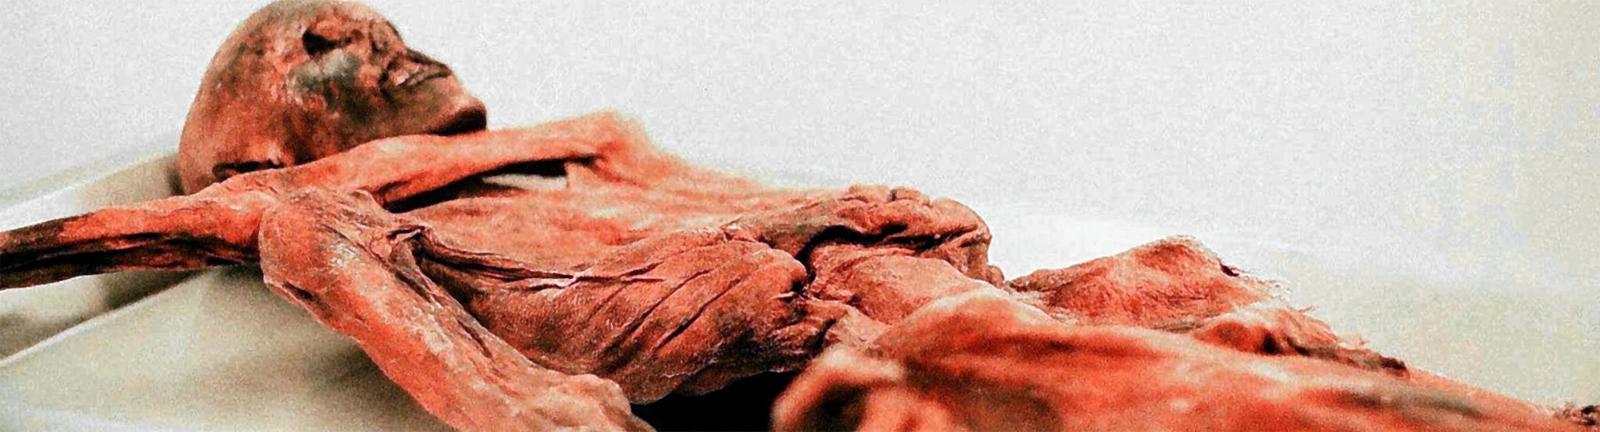 Das Bild zeigt eine Mumie.